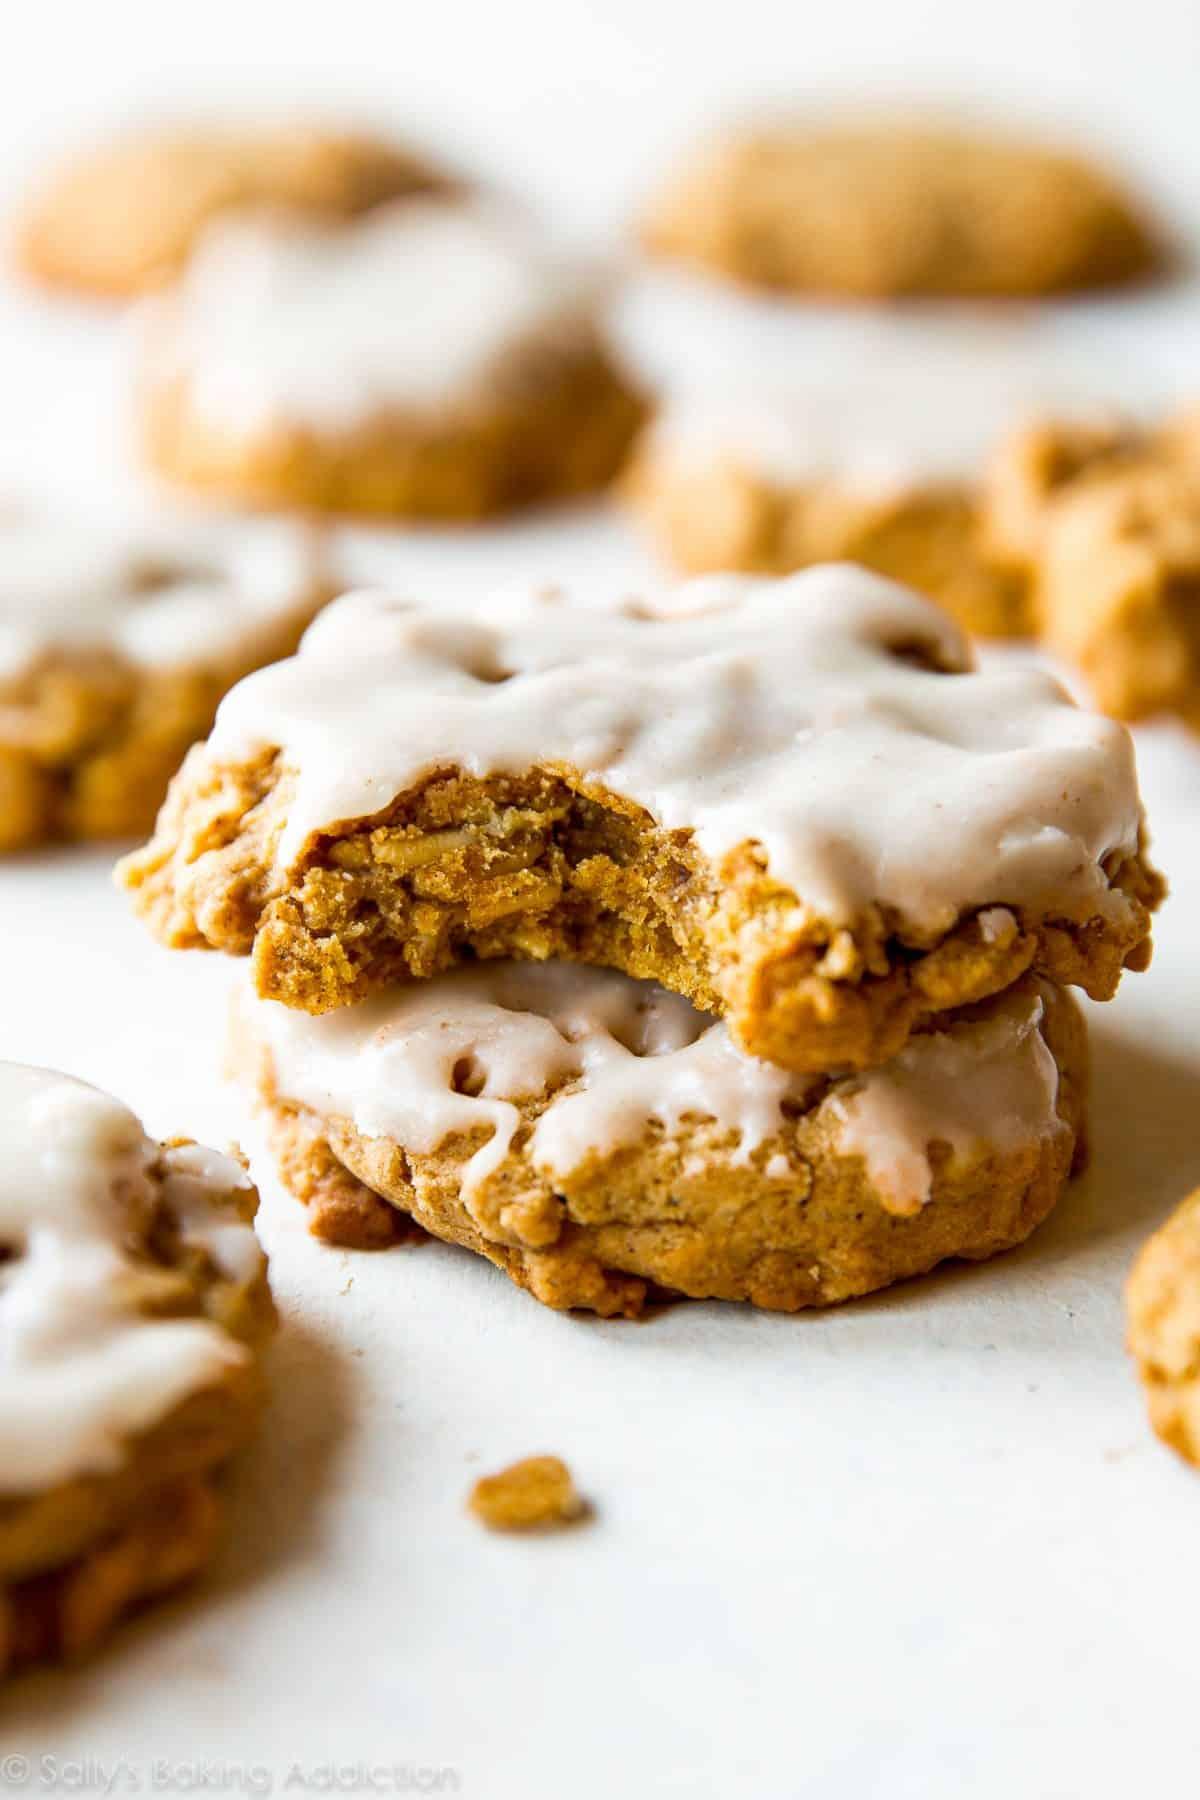 Brown Butter Pumpkin Oatmeal Cookies - Sallys Baking Addiction